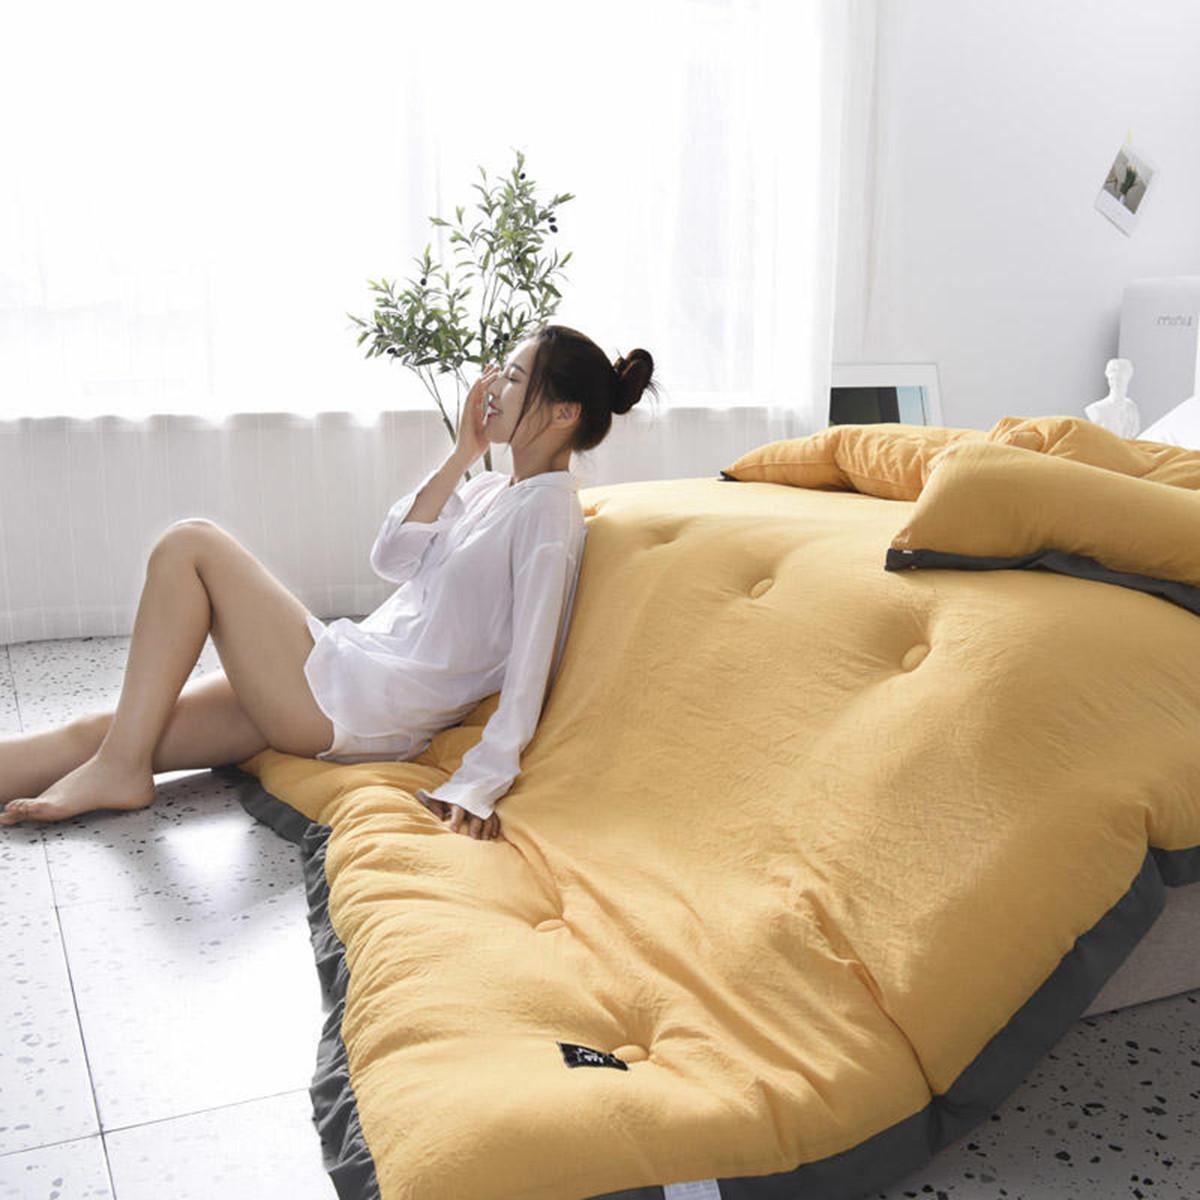 雅鹿ins北欧简约风纯色水洗棉被子日式被芯单人双人简约加厚冬被褥COLOR黄色